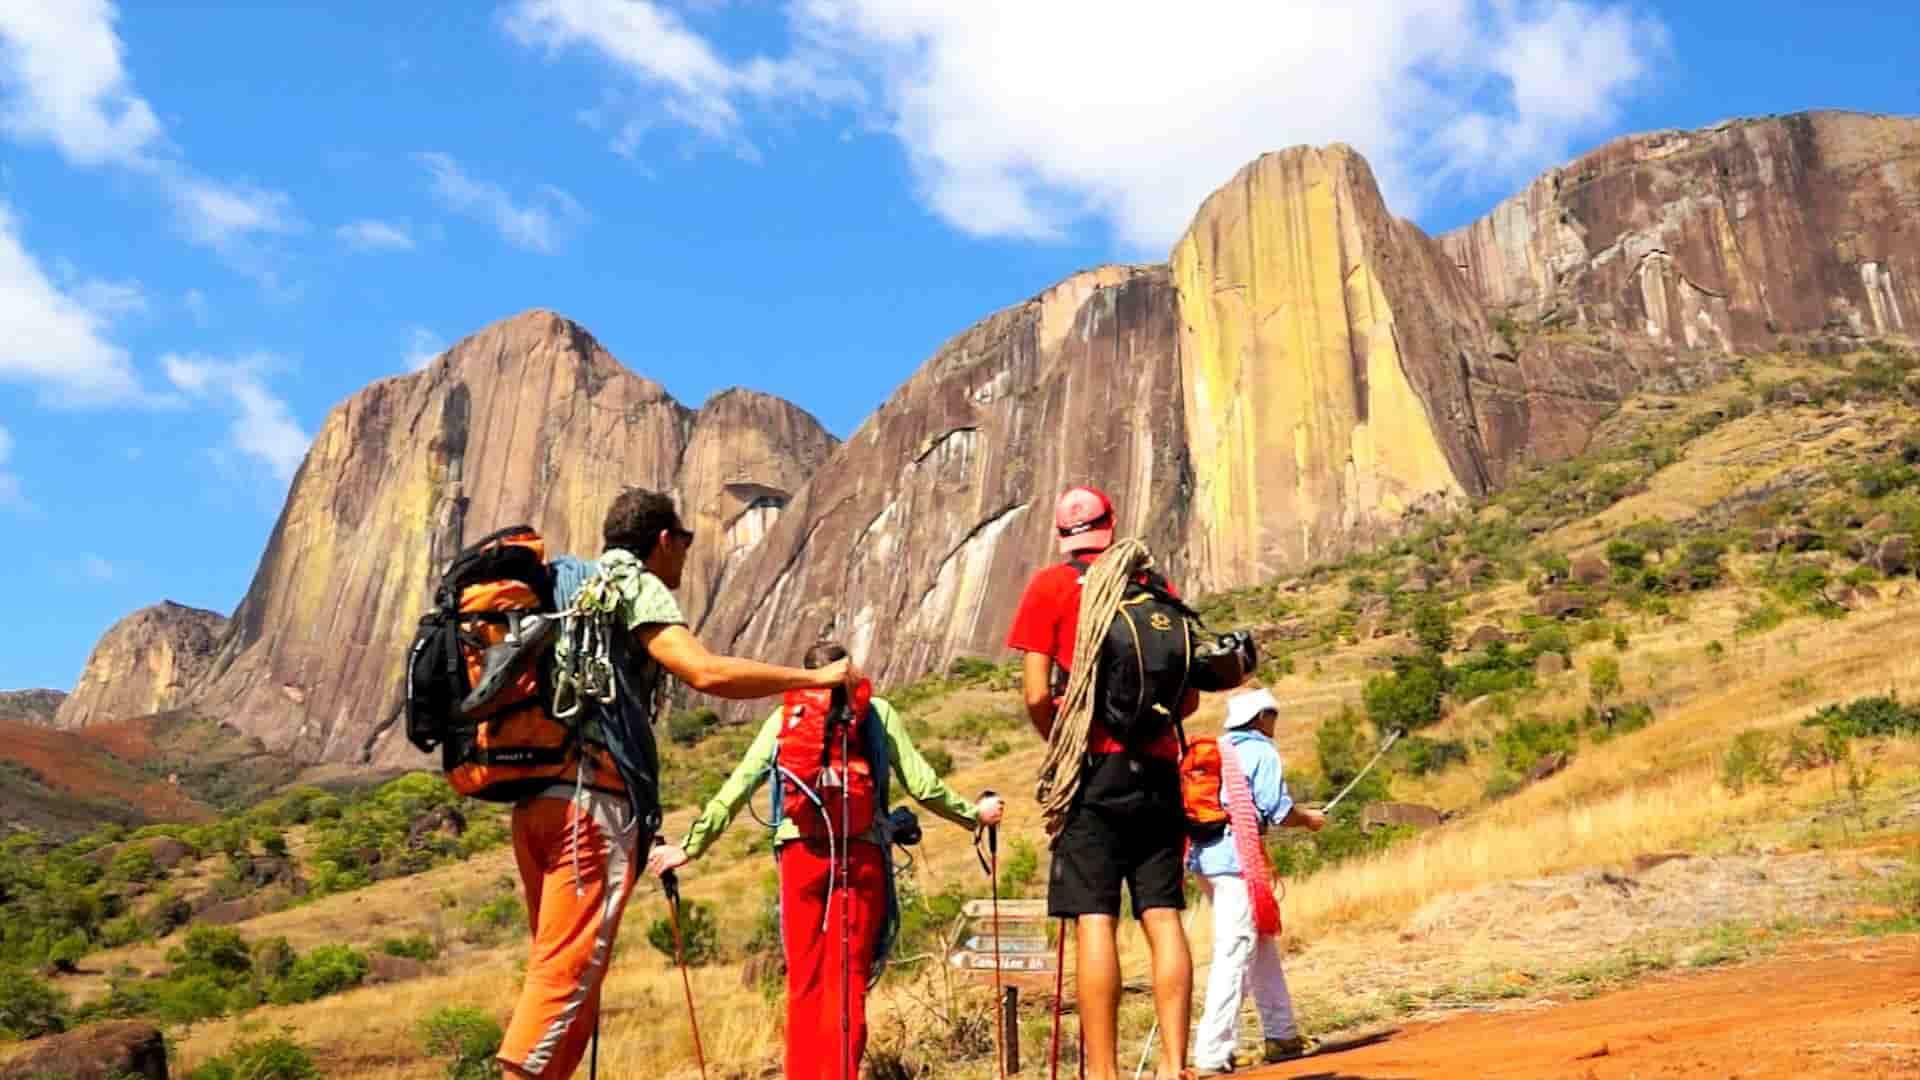 جزیره ماداگاسکار - گنبدهای تارانورو